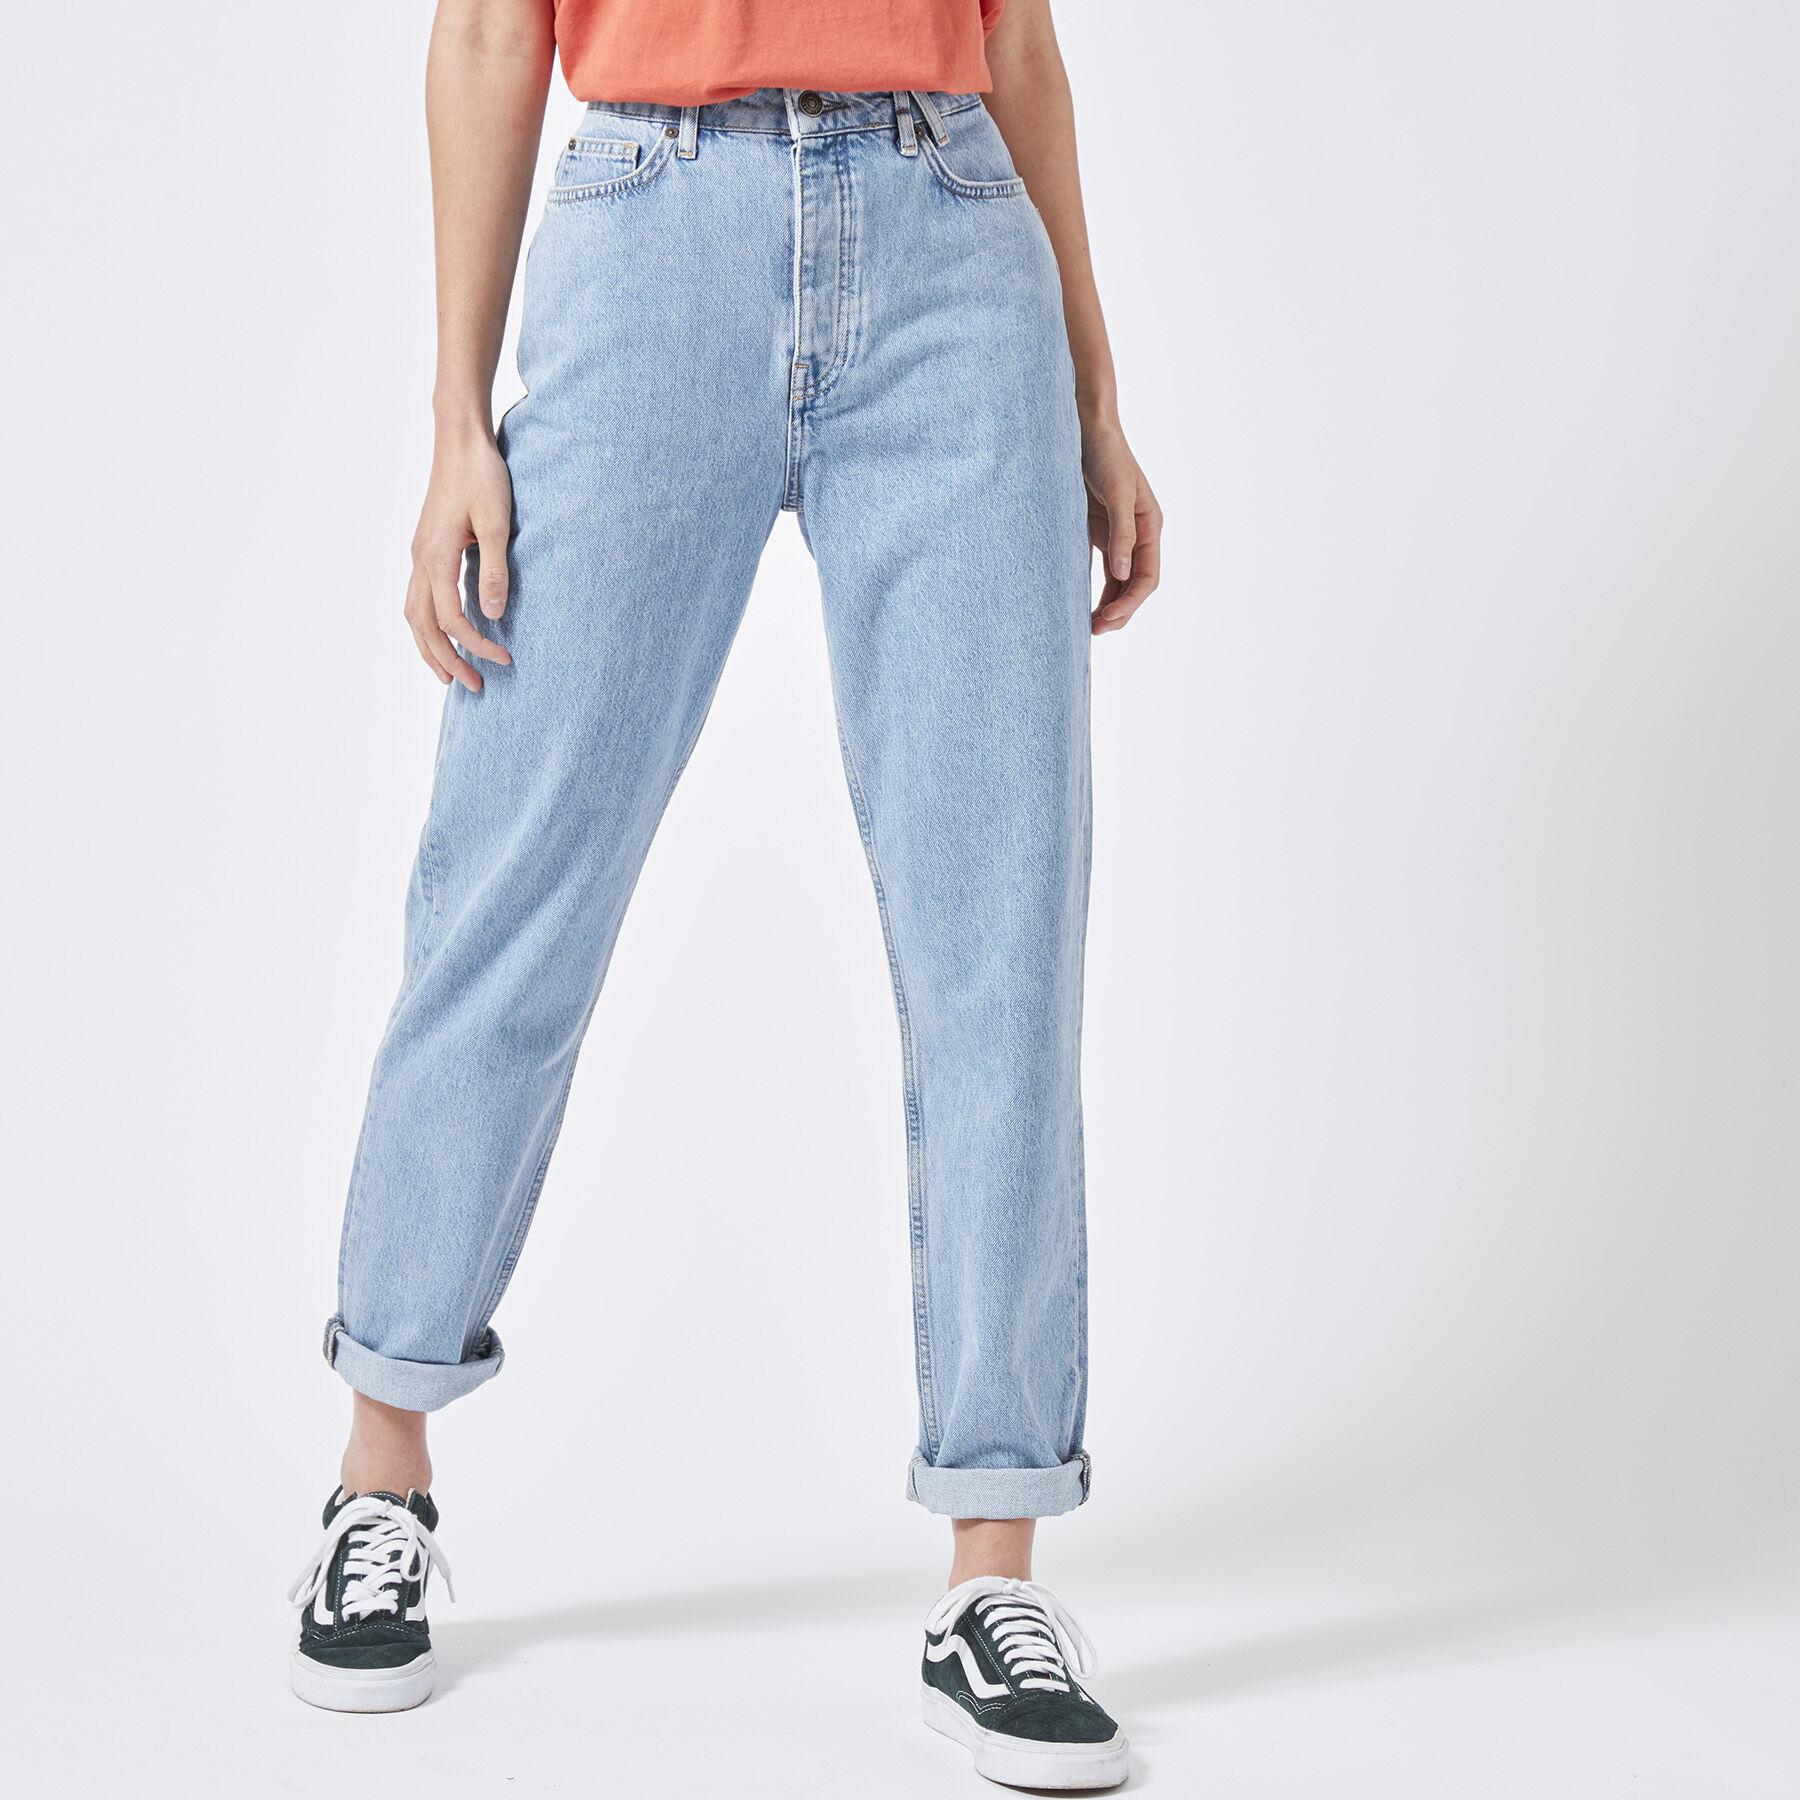 Mom Jeans - modische Infos über den bauchfreundlichen Schnitt